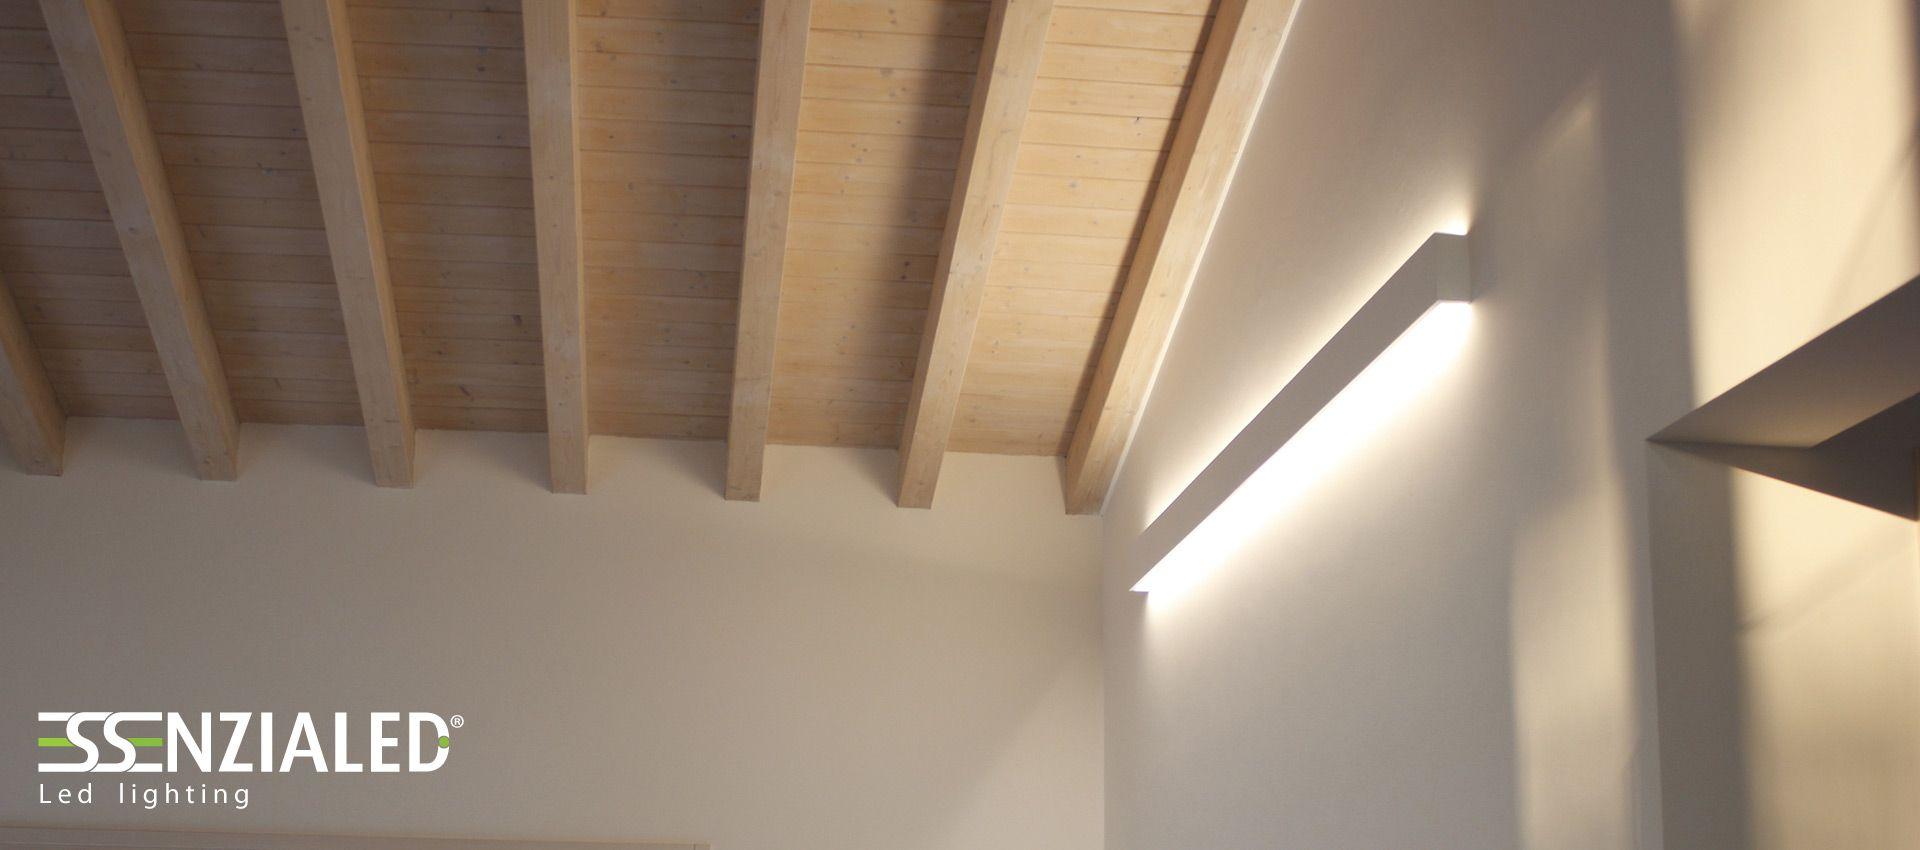 Lampada a parete Led dal design Essenziale realizzata su